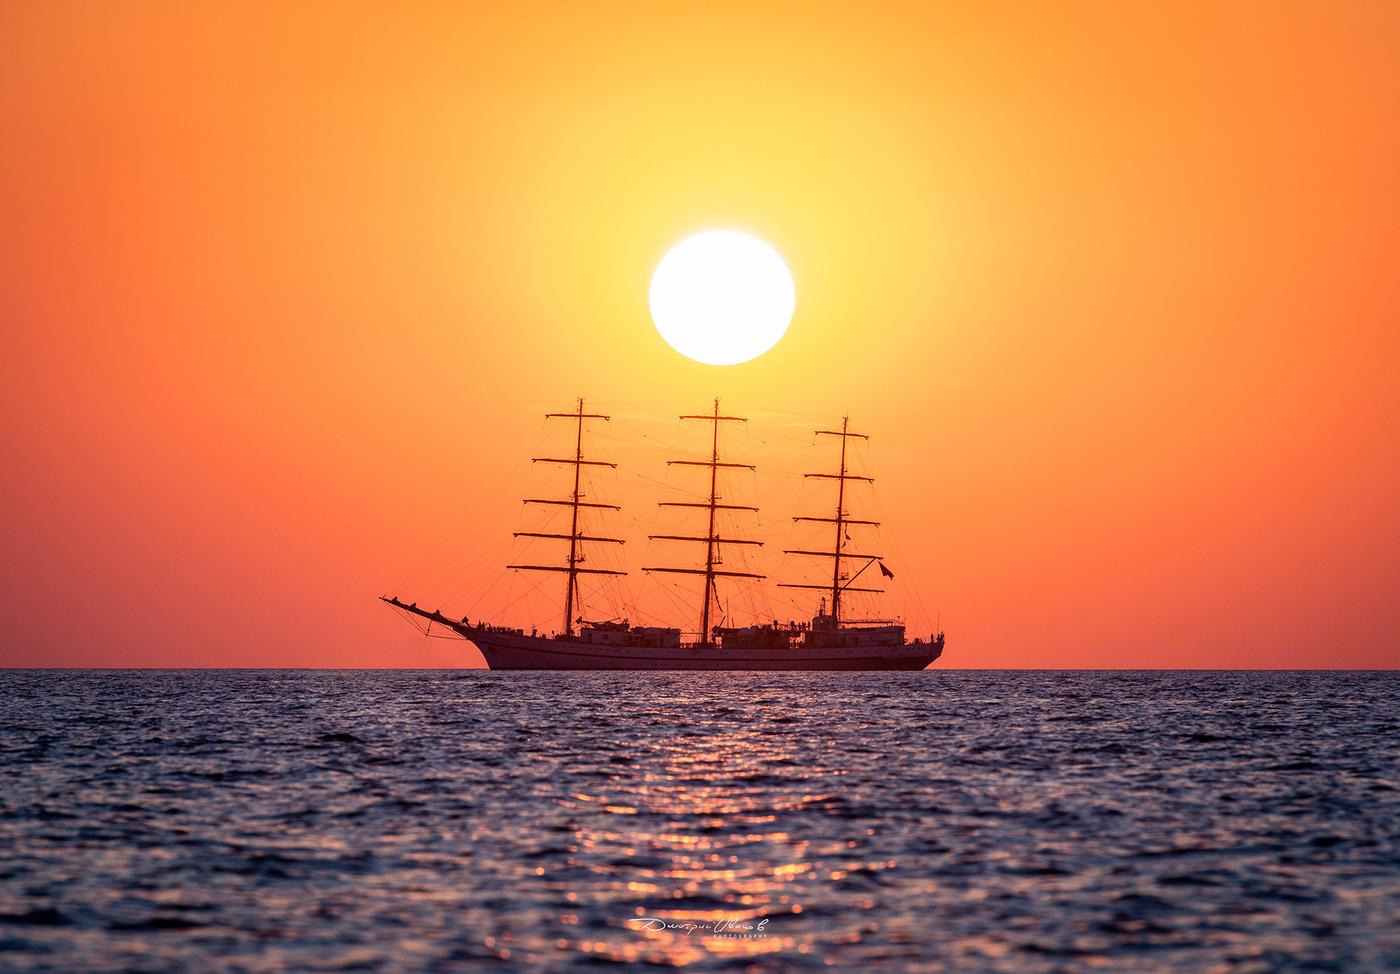 создании картинка корабль уходит в море на закате полностью